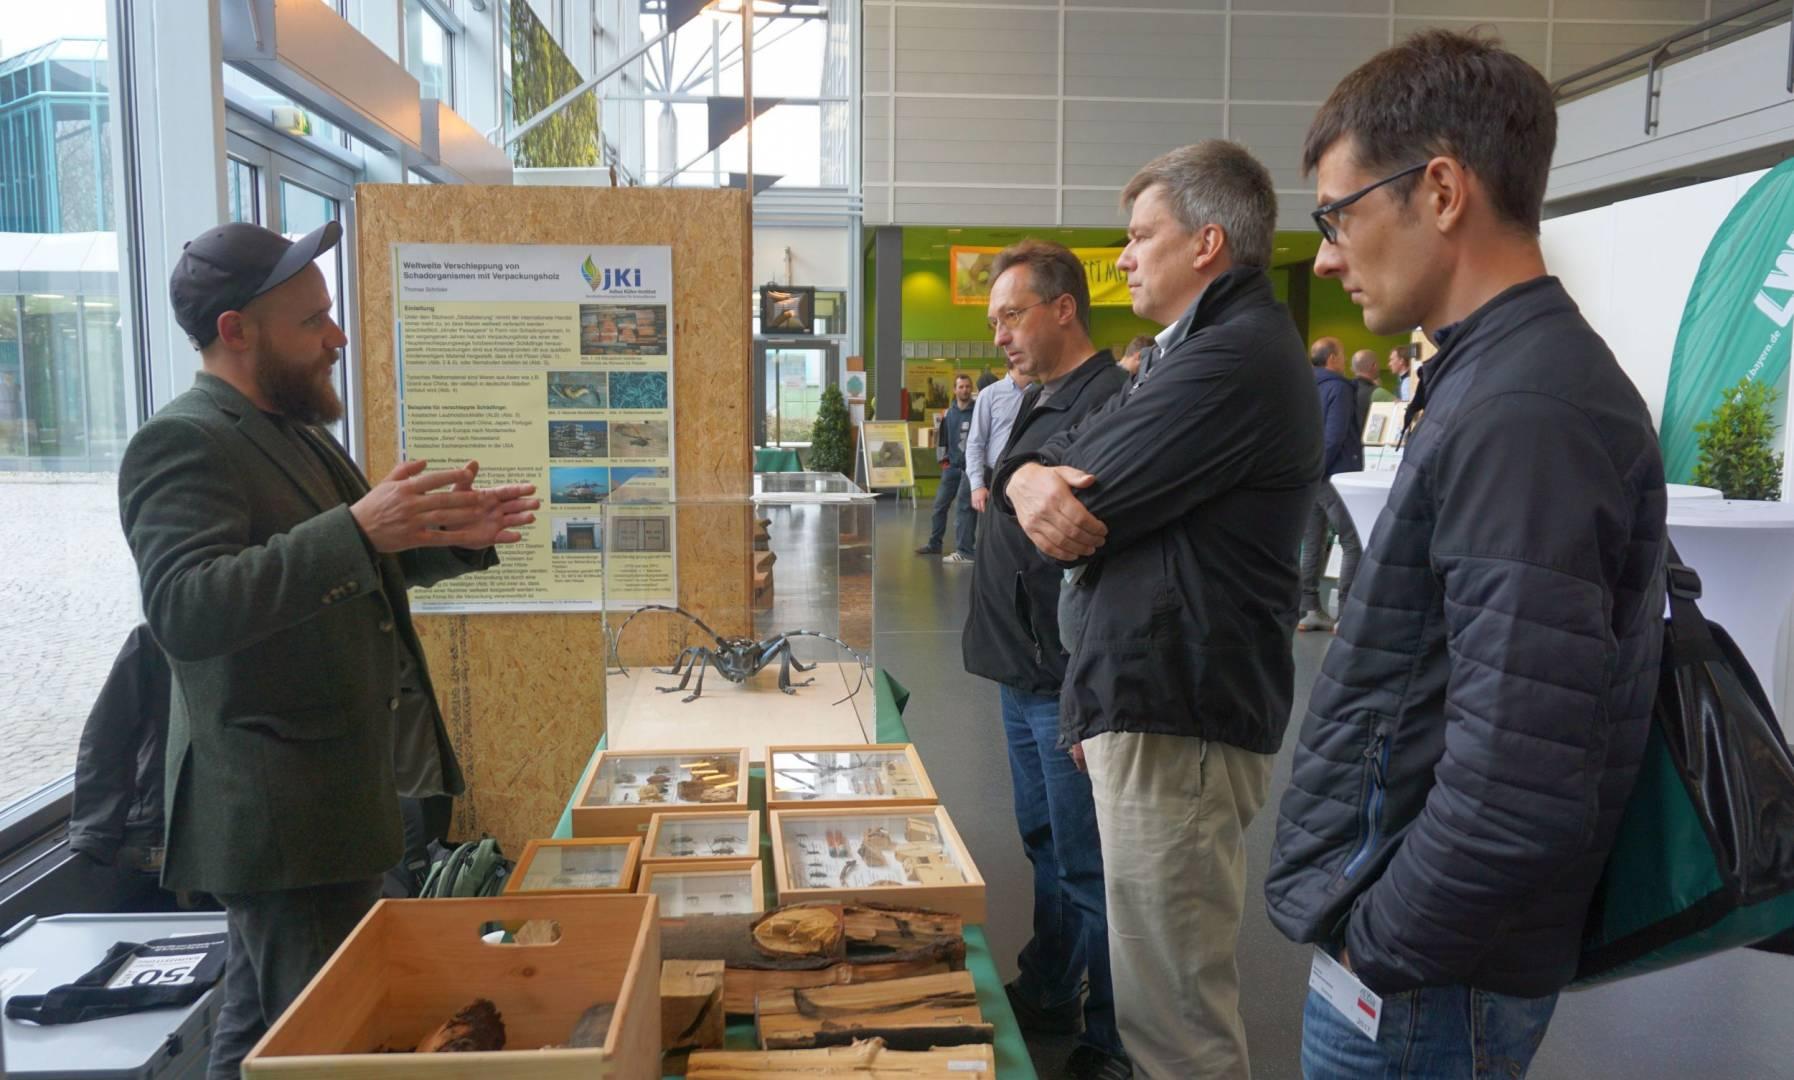 Am Stand des Julius Kühn Instituts konnten die Besucher Exponate von Baumschädlingen betrachten und sich mit Experten austauschen. Foto: Kottich